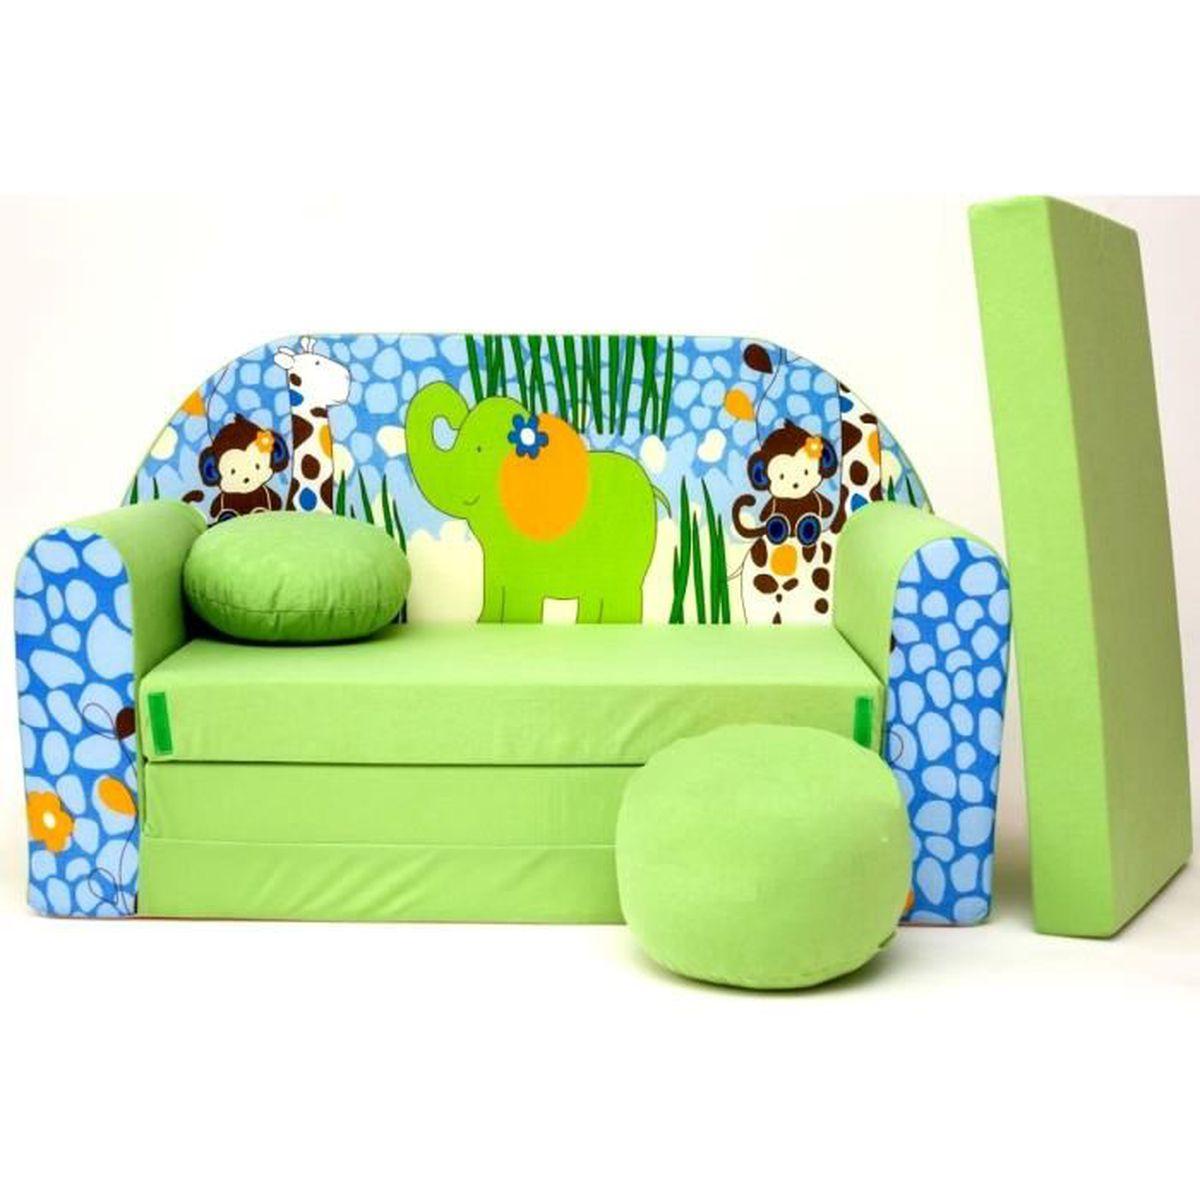 Canape Sofa Enfant 2 Places Convertible Zoo Afrique ... concernant Minnie Canapé Mousse Sofa - Disney Baby